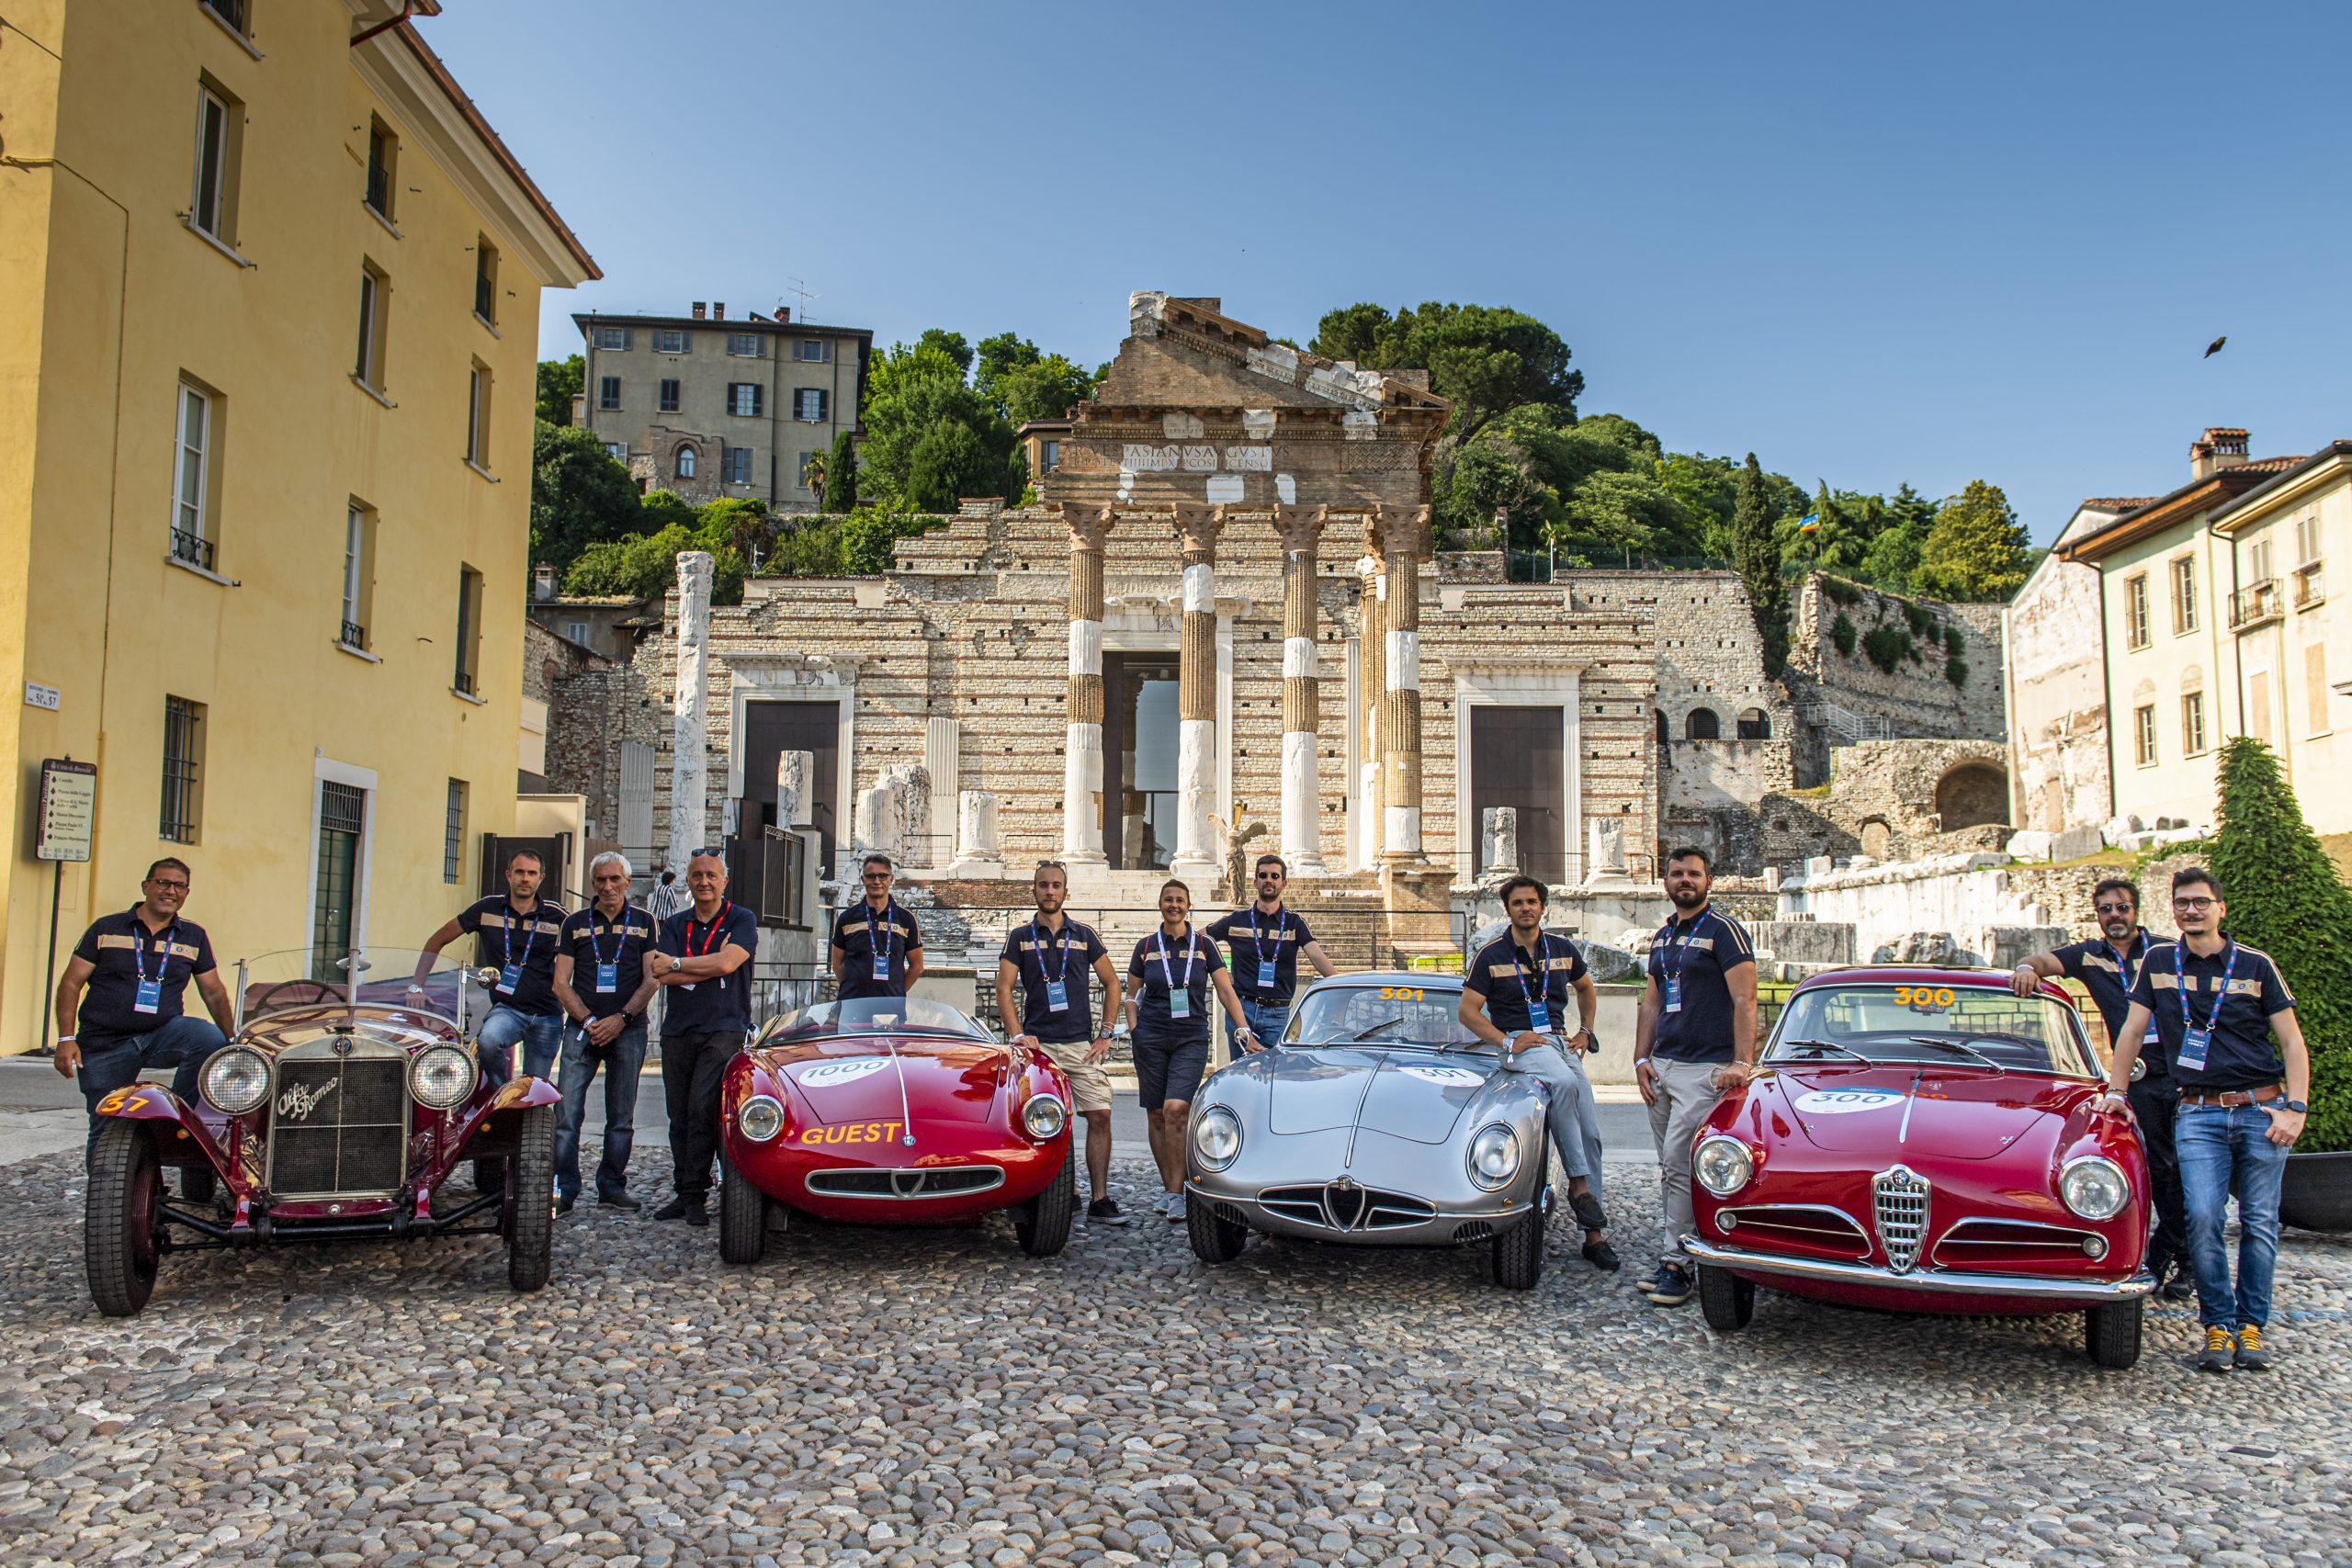 2NC7163 scaled 1000 Miglia 2021 : Η τελετή πιστοποίησης που αφιερώνεται στους λάτρεις των κλασσικών αυτοκινήτων 1000 Miglia, alfa romeo, Alfa Romeo Giulia, Alfa Romeo Giulia GTA, Alfa Romeo Giulia GTAm, Mille Miglia, retro, ειδήσεις, Νέα